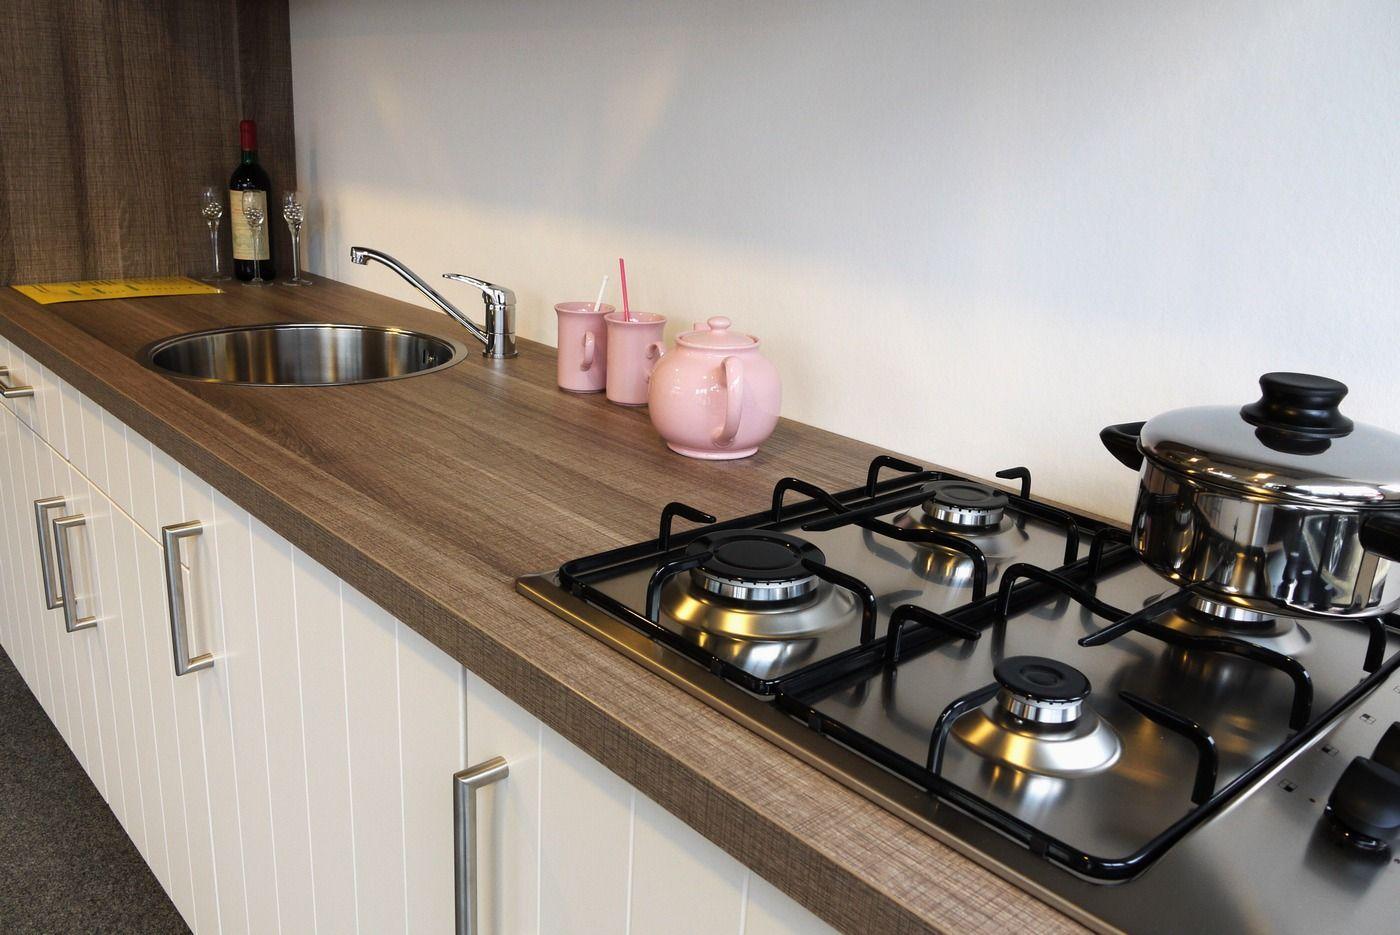 Rechte Keuken Magnoliawit : ... keukens voor zeer lage keuken prijzen ...